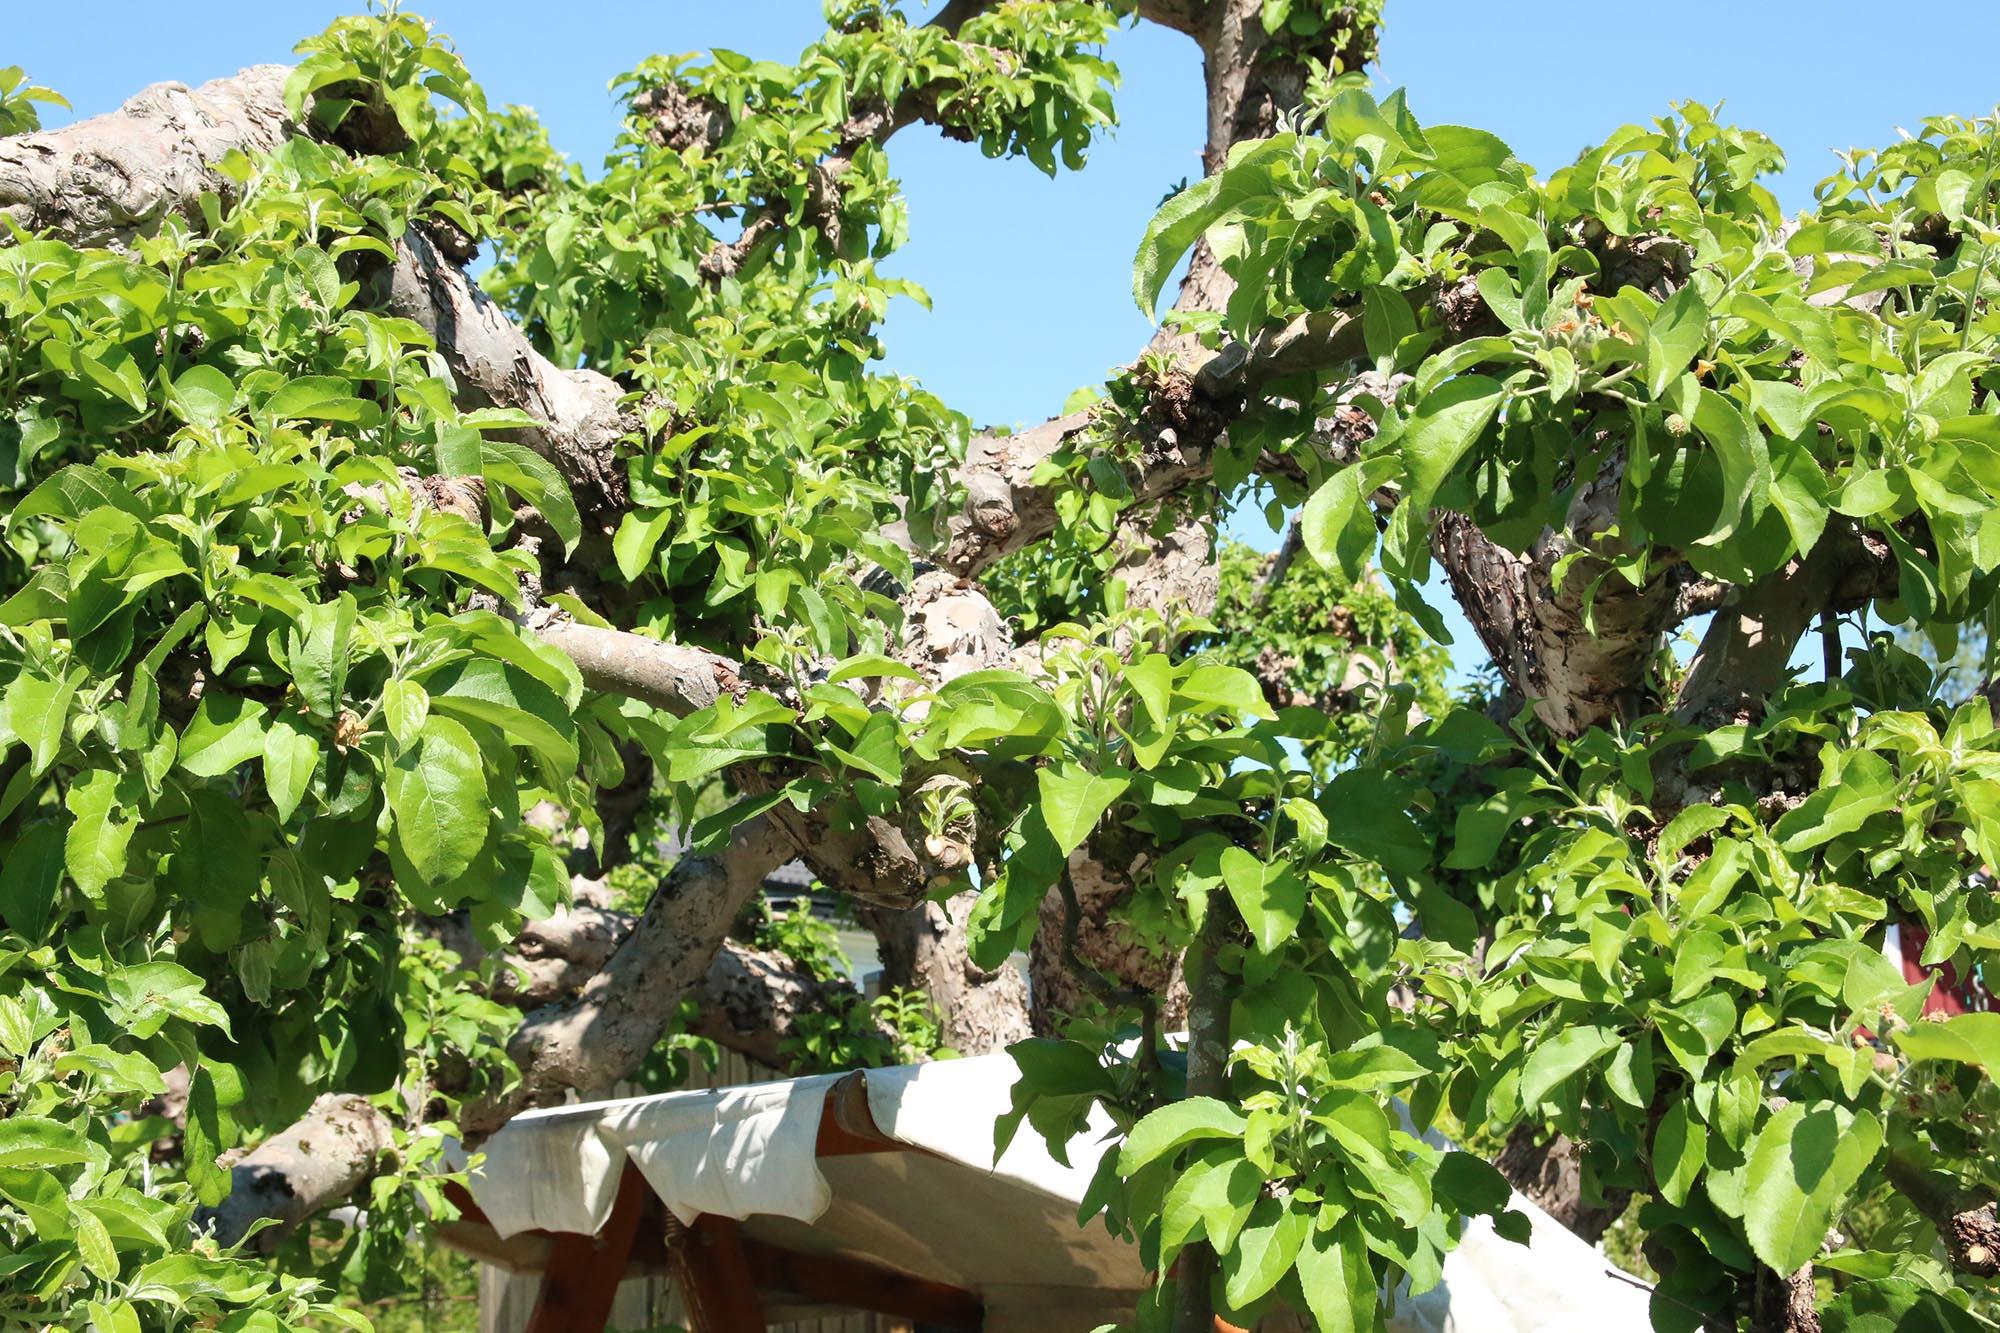 Ett vackert gammalt äppelträd i en vacker gammal trädgård